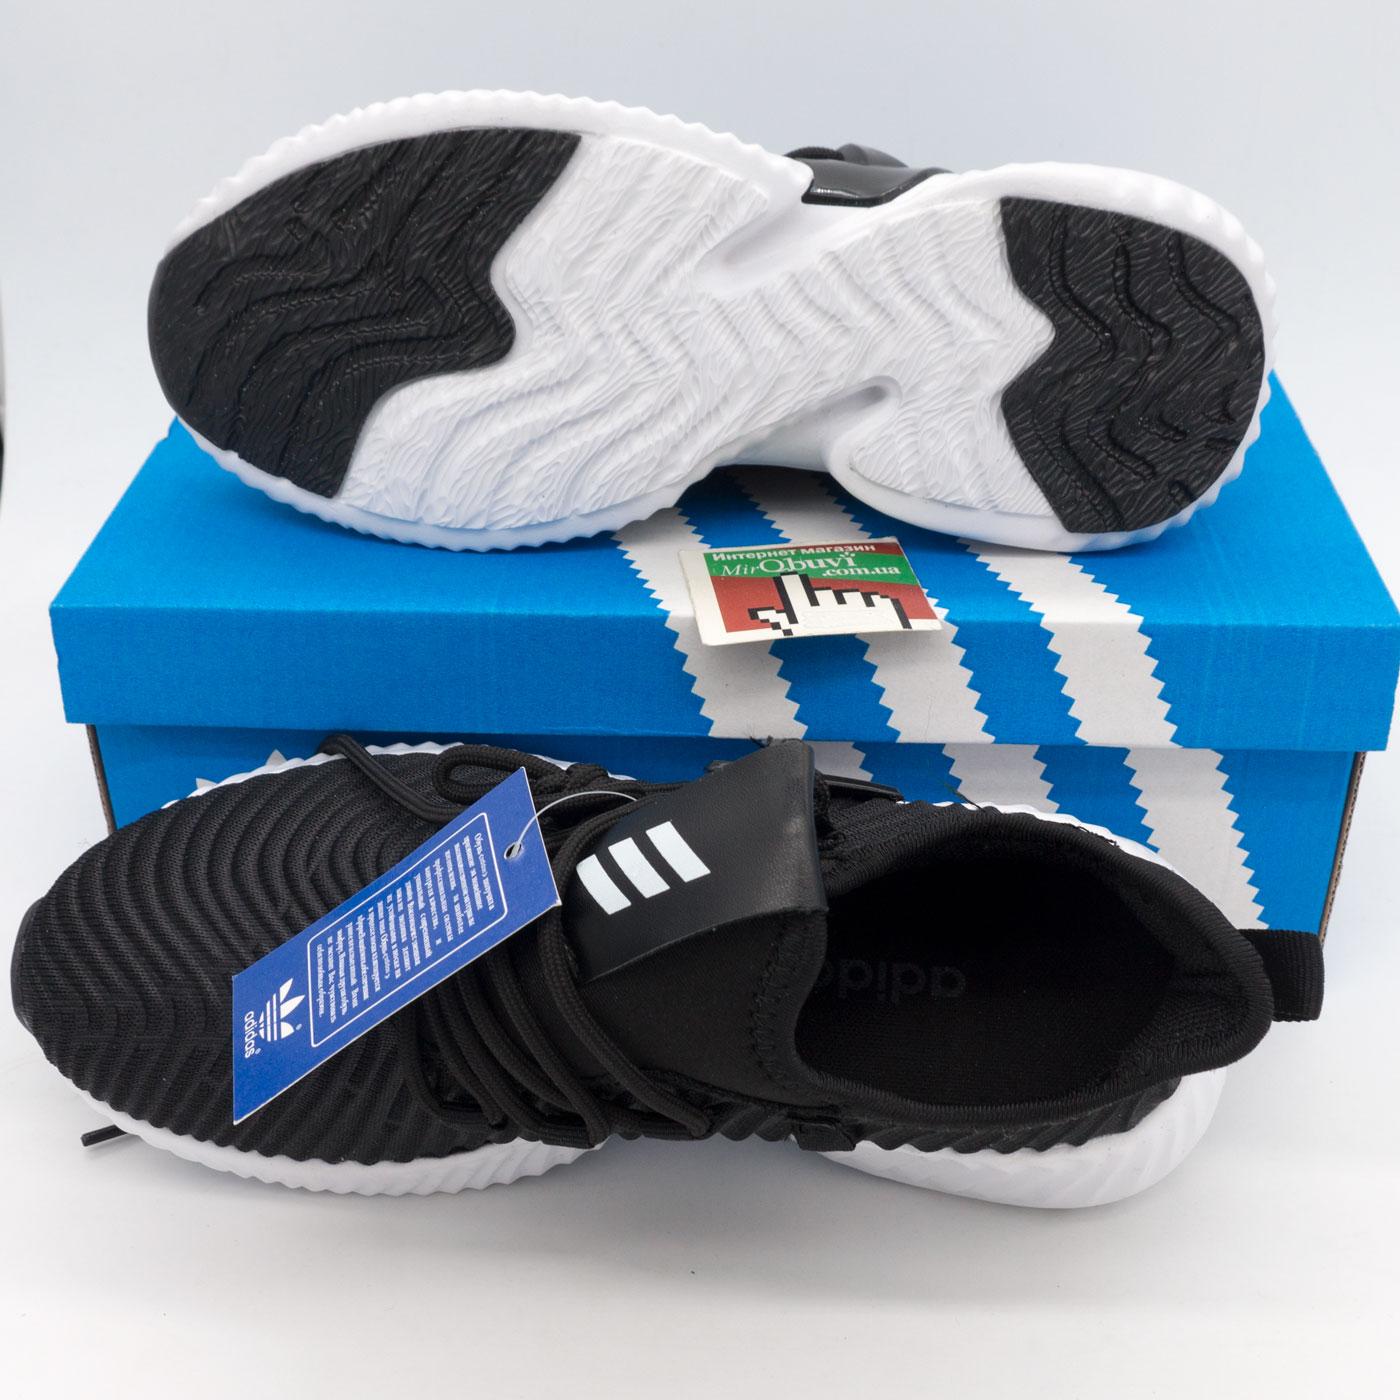 фото bottom Женские кроссовки Adidas Alphabounce Instinct черно-белые. bottom